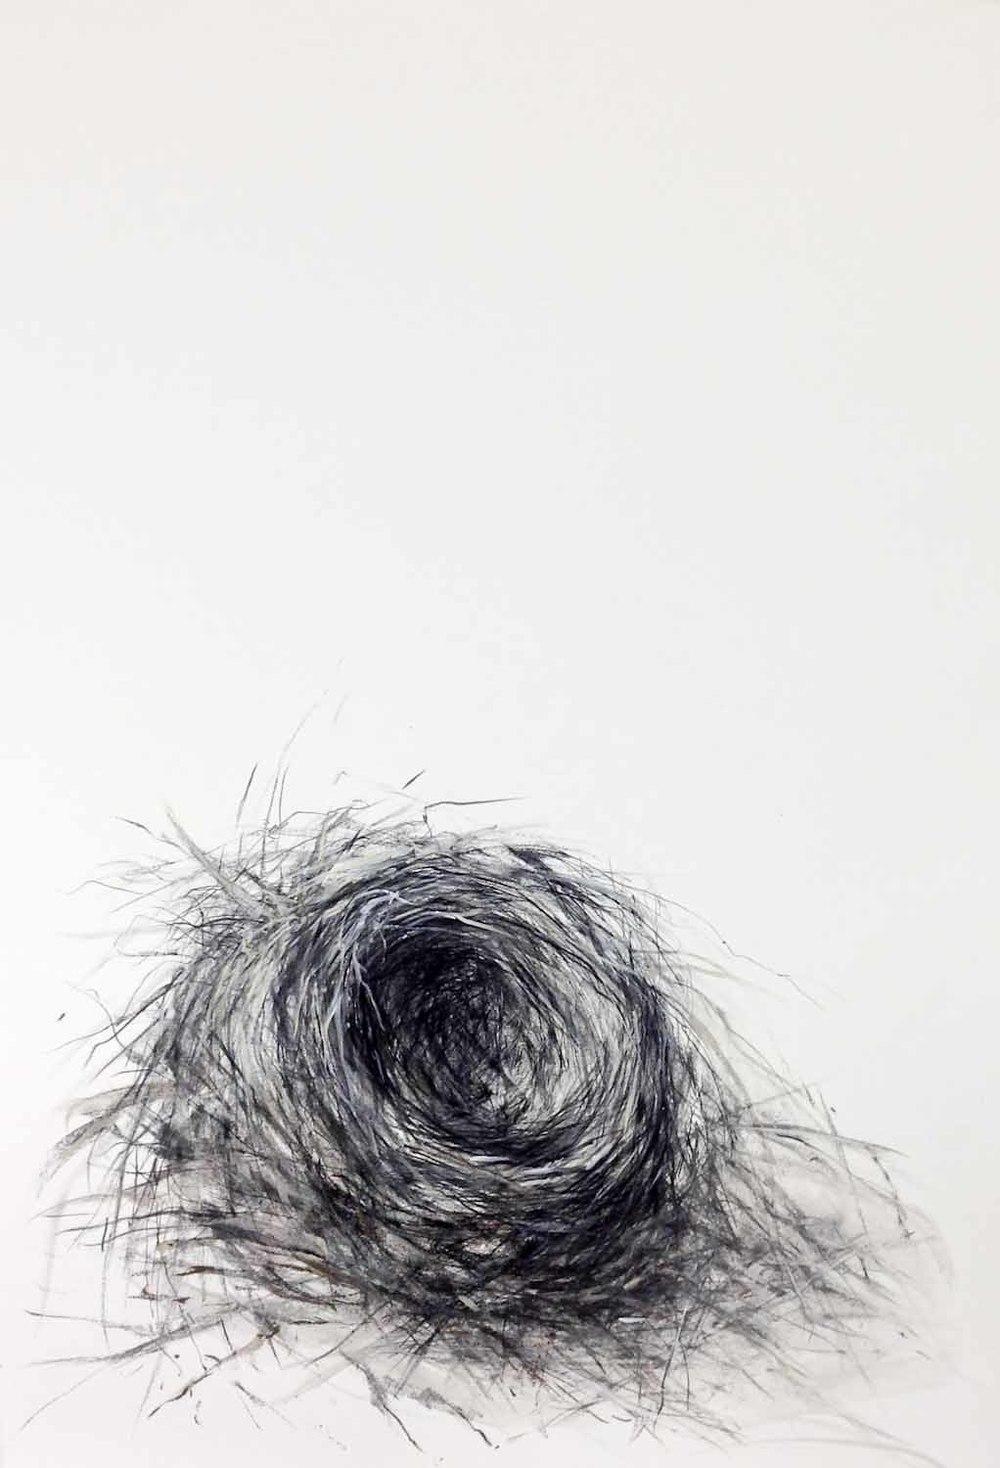 """""""le nid d'oiseau"""" (The Empty Nest; November 13, 2015)"""